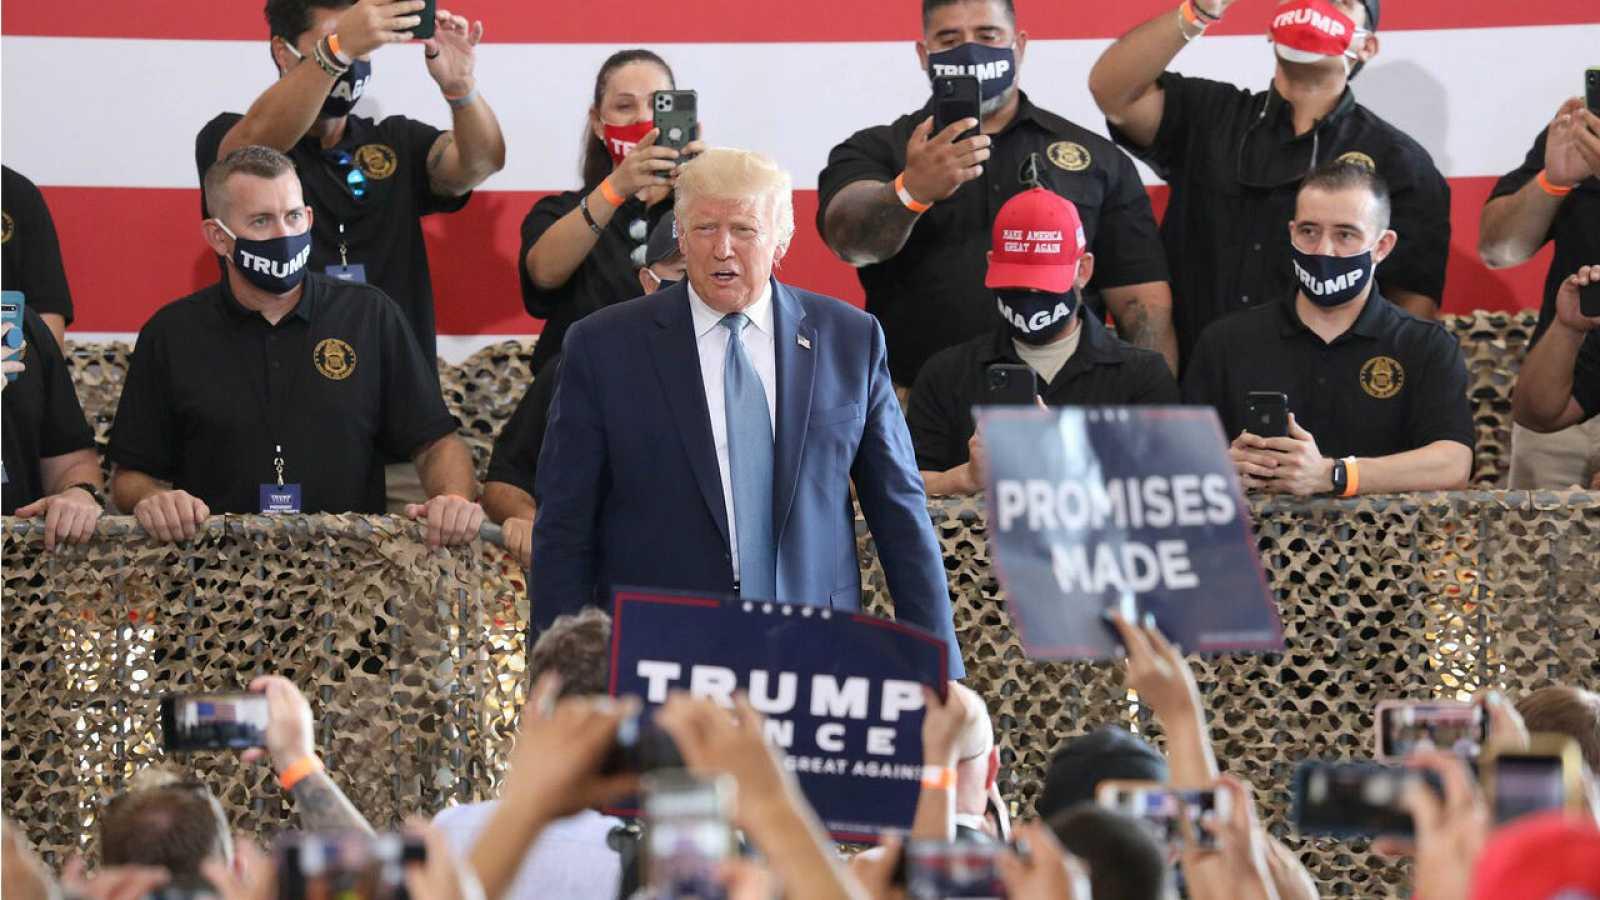 El presidente de los Estados Unidos, Donald Trump, asiste a un mitin de campaña en Yuma, Arizona.